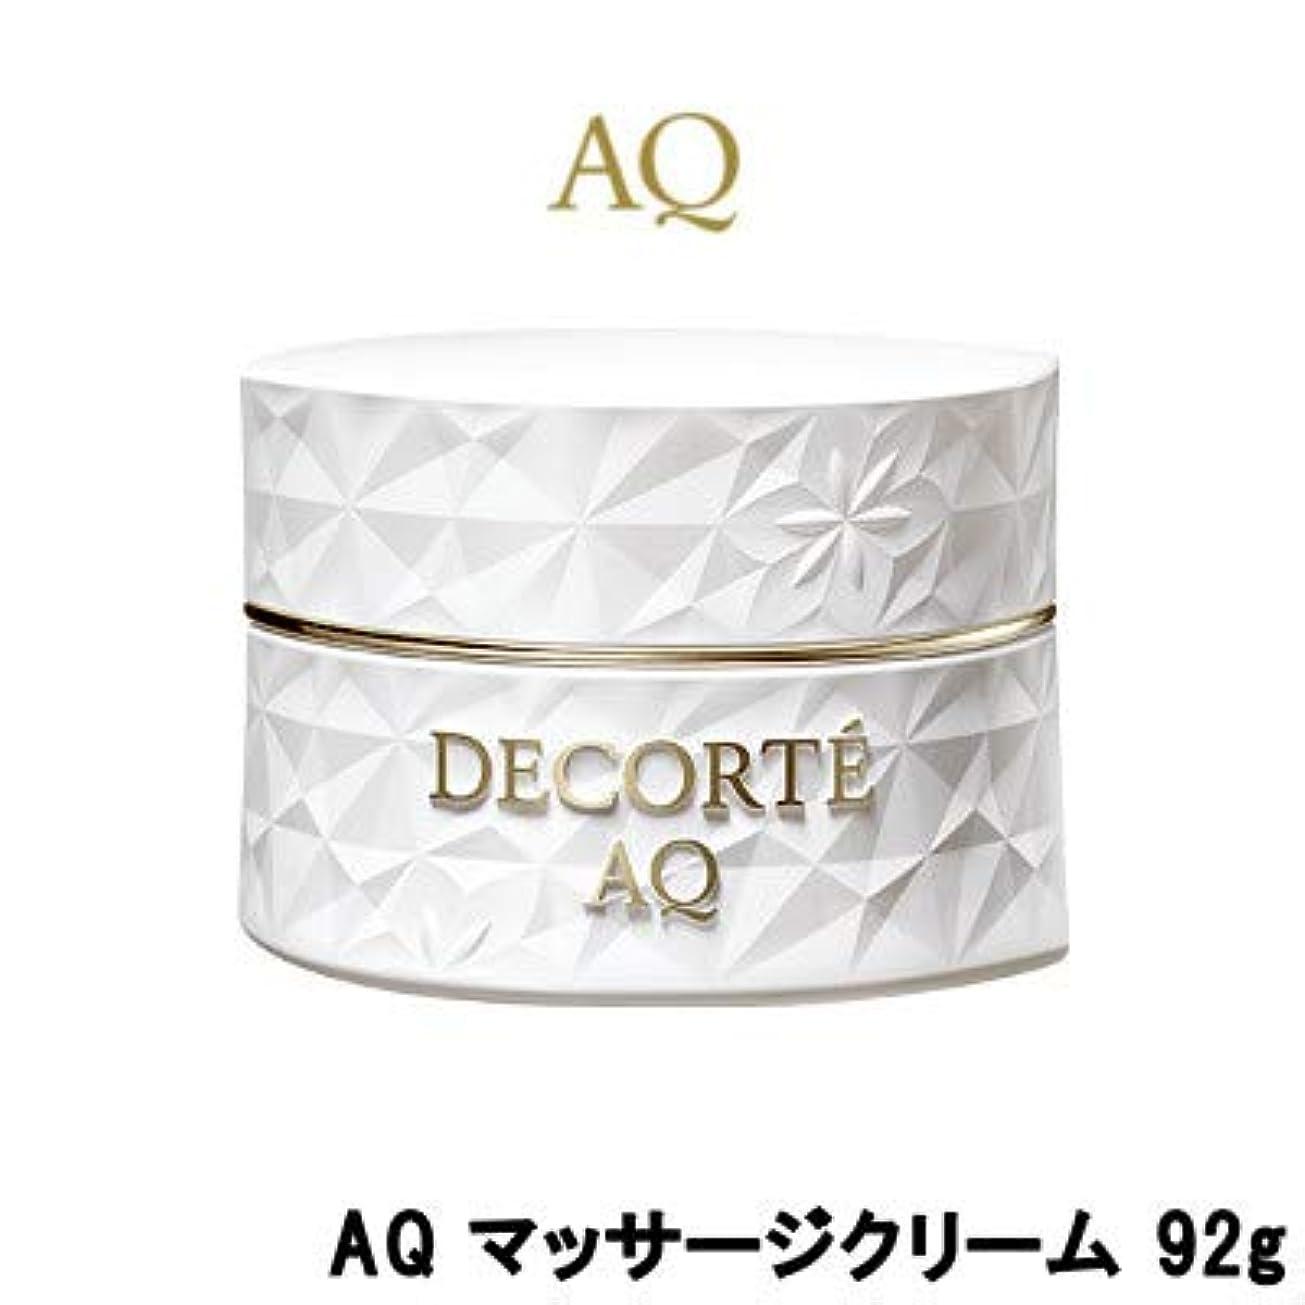 スキームペニー体系的にコスメデコルテ AQ マッサージクリーム(92g)